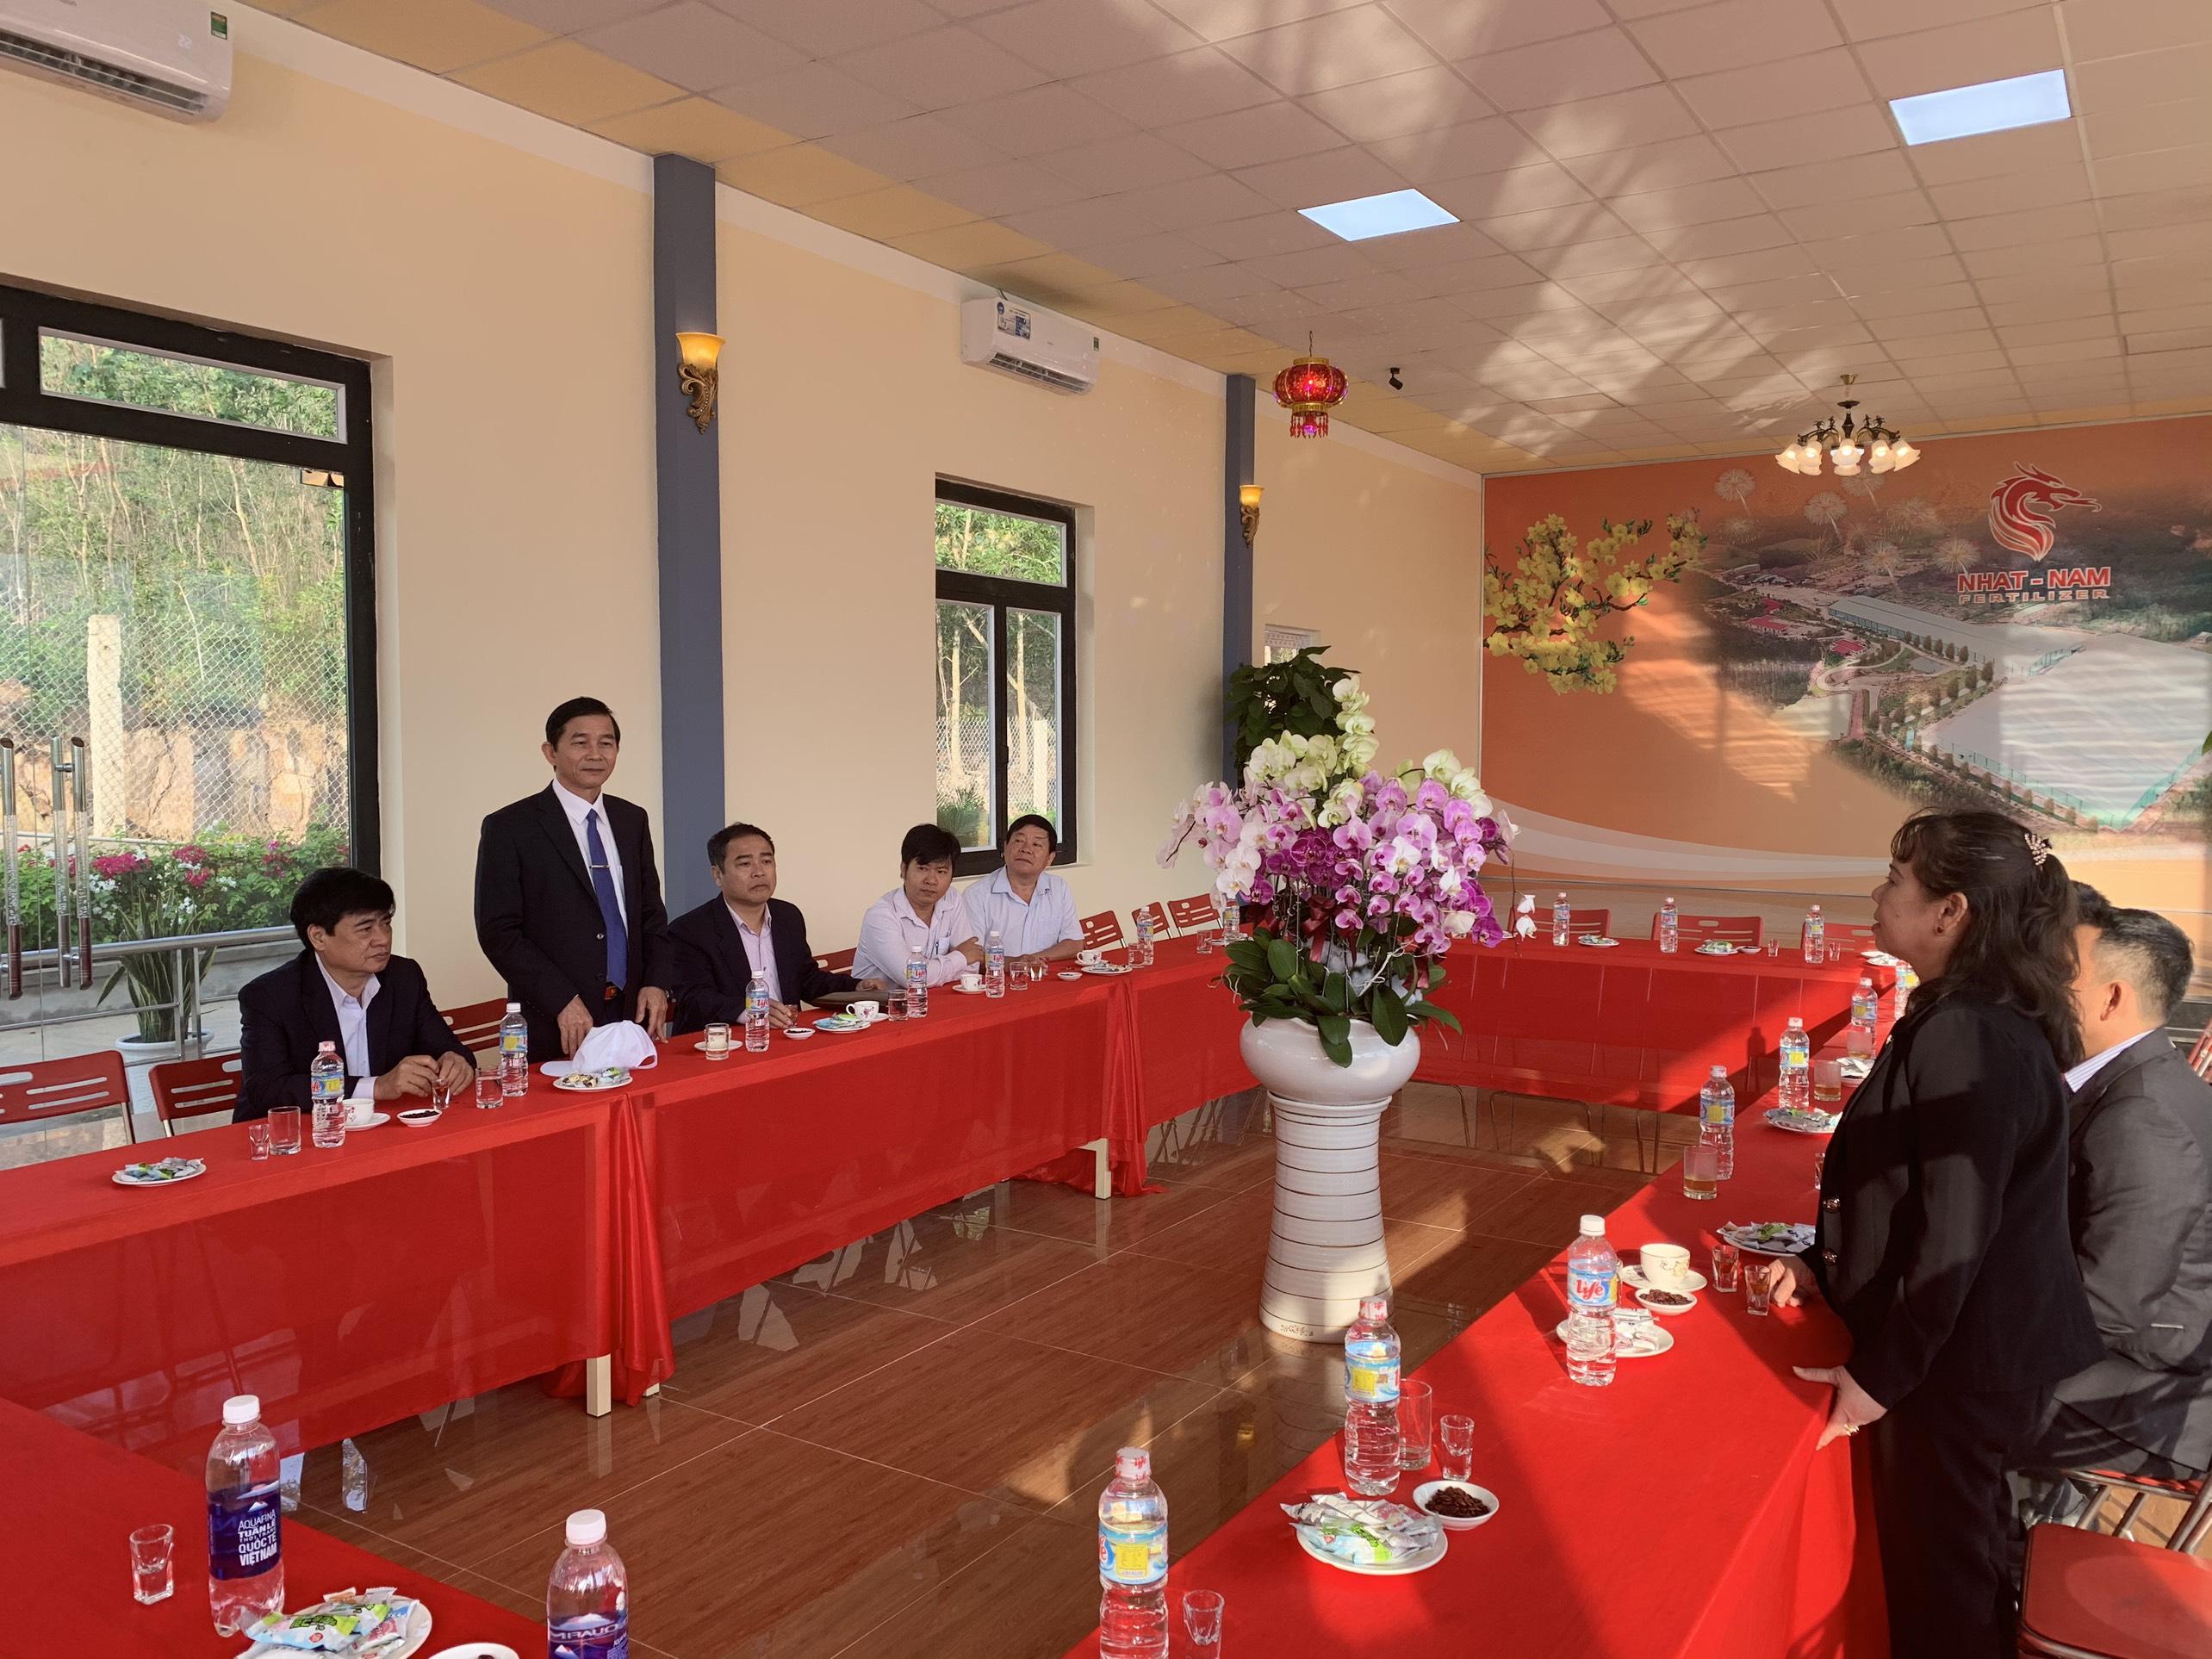 Đồng chí Phó Chủ Tịch Tỉnh Trần Châu chúc tết Nguyên Đán 2020